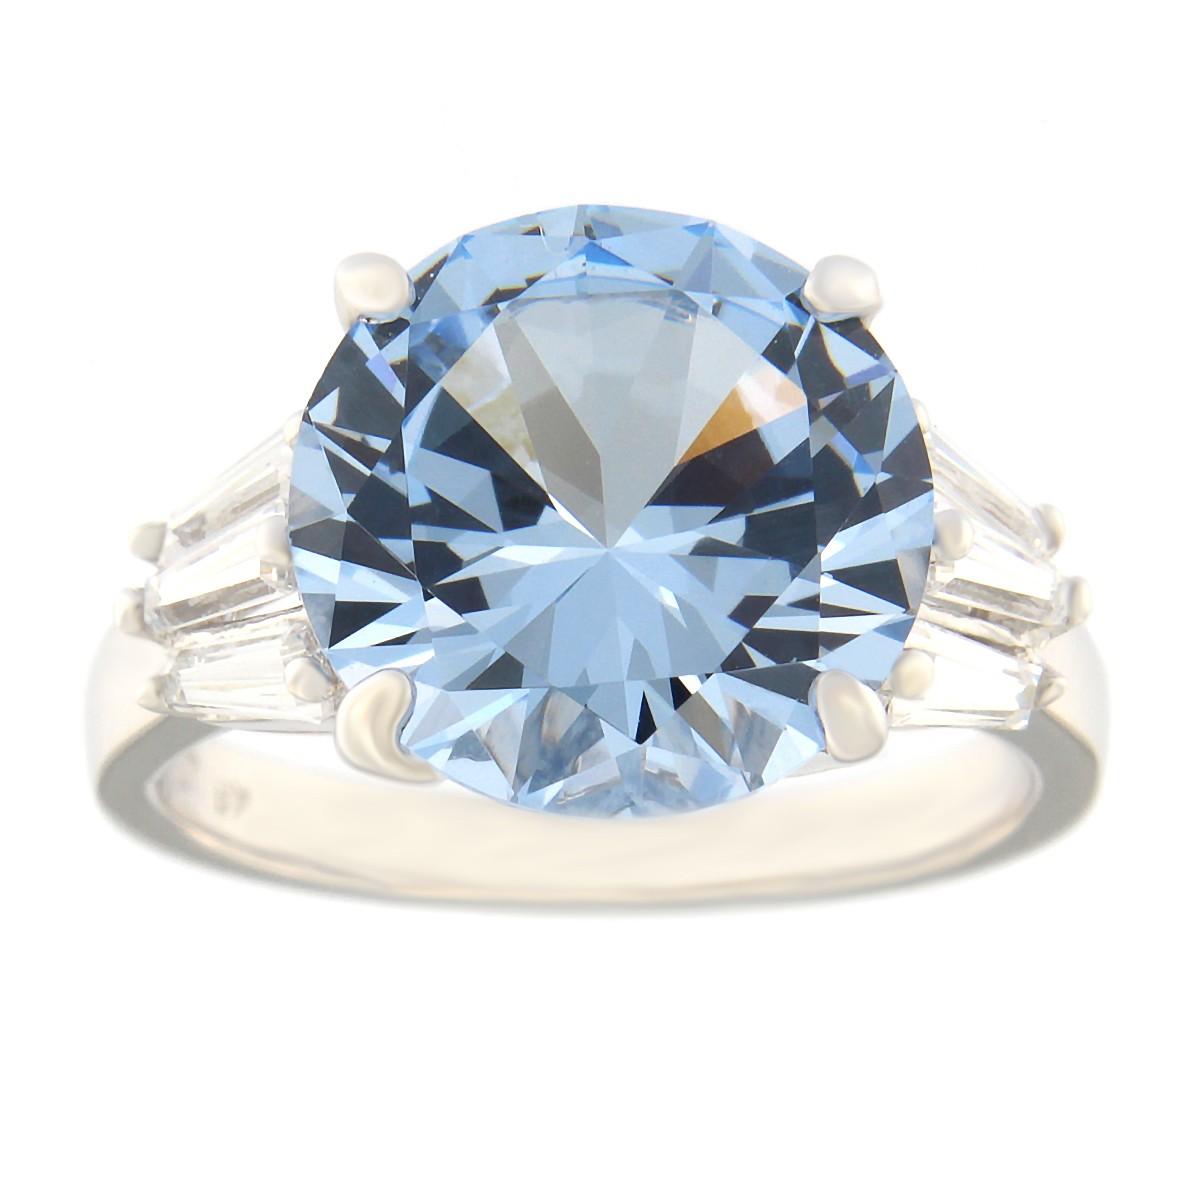 Hõbedast sõrmus Gioialite kividega Kood: AN5424-RO-DAQ